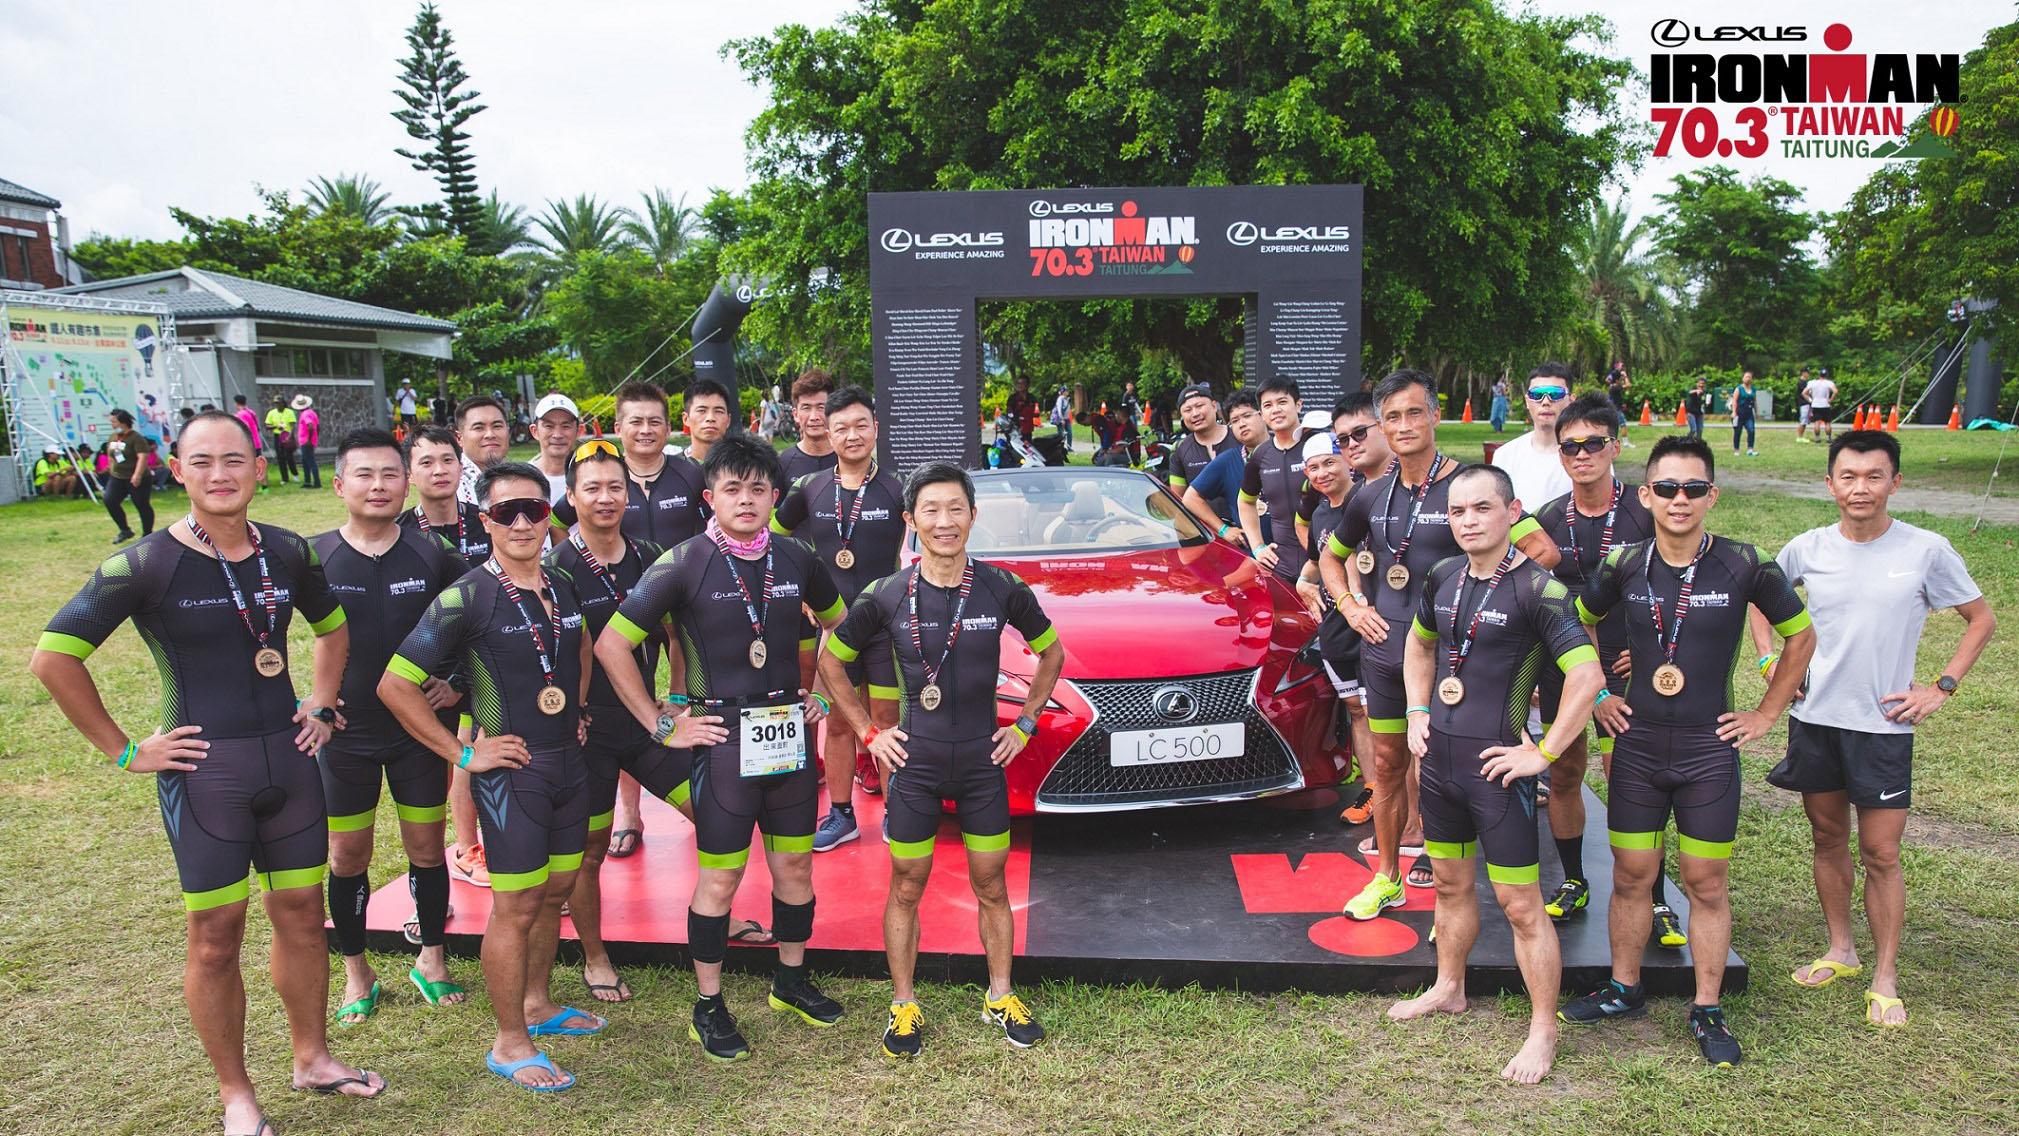 Lexus 由八大經銷商分別組隊參賽,一同完成 113 公里的艱鉅挑戰。